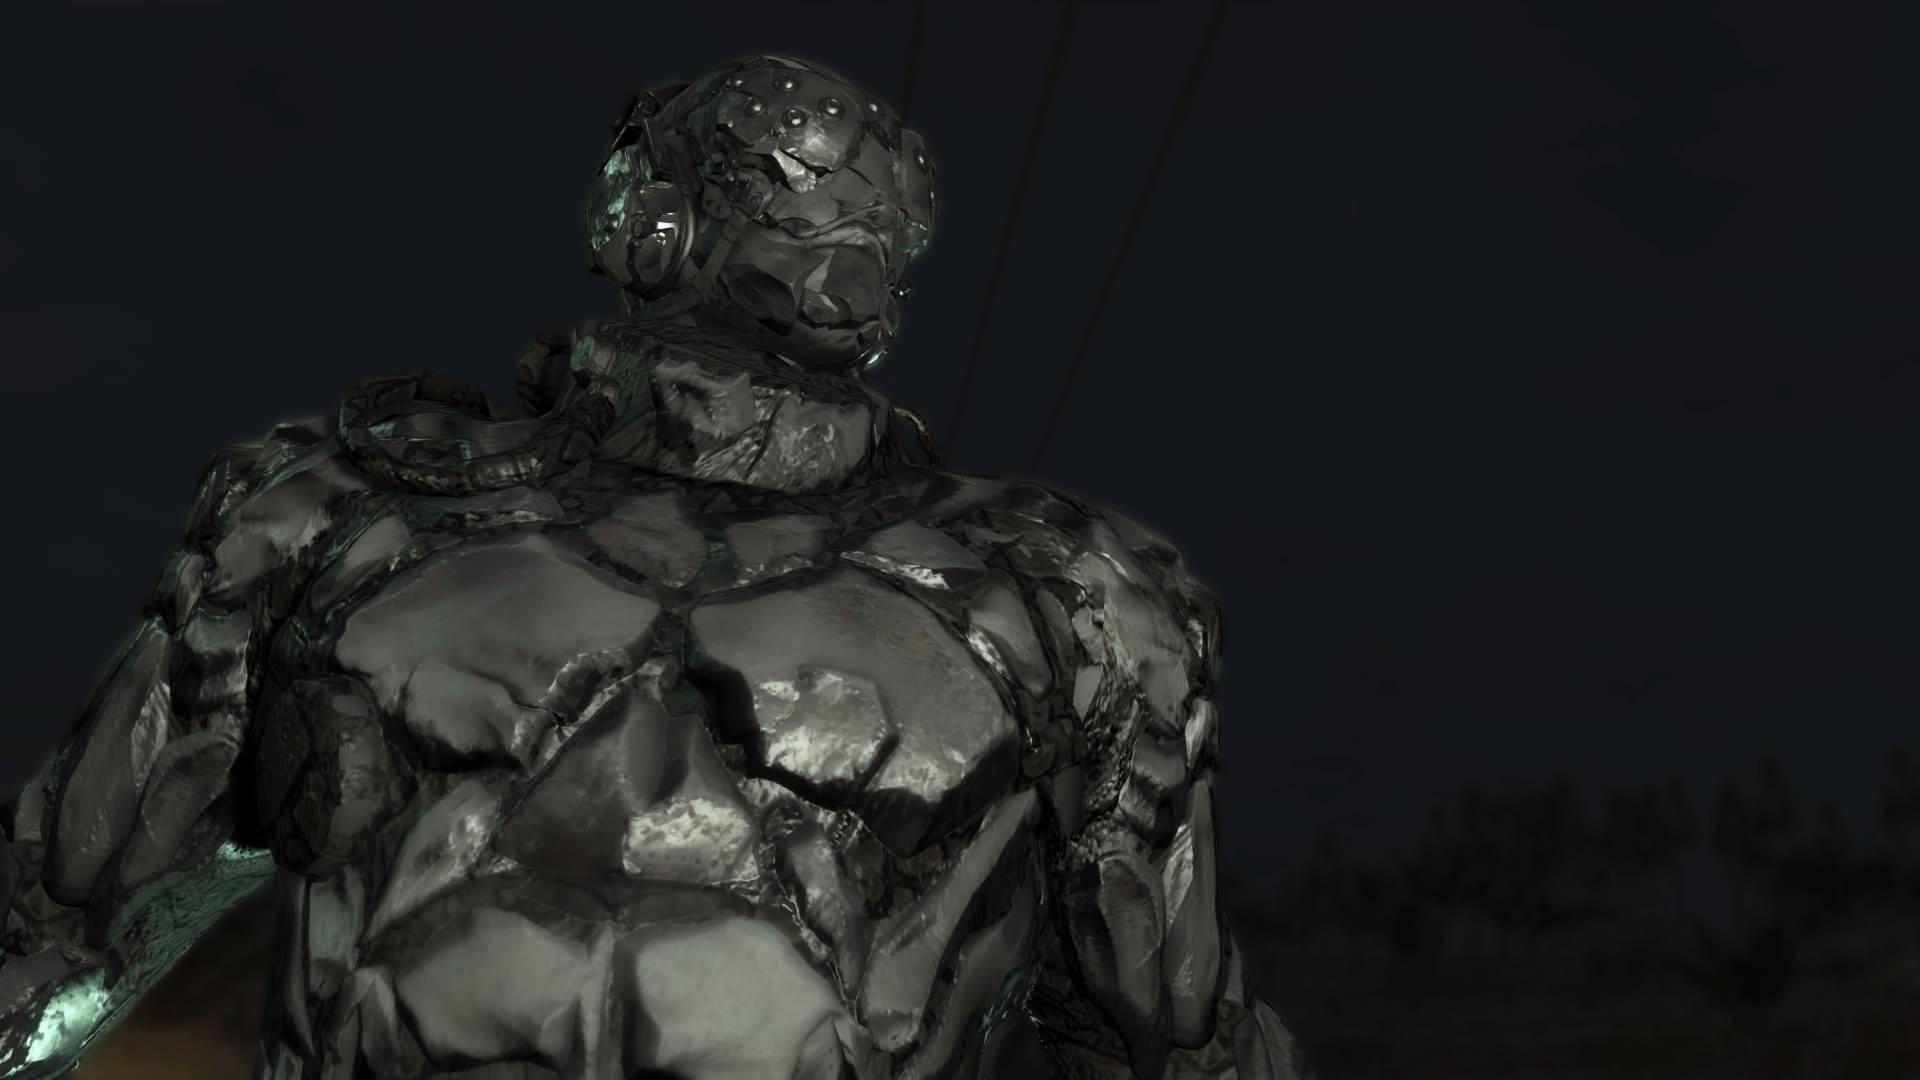 Cráneos (Skulls) Metal Gear Solid V The Phantom Pain #MGSV #MGSVTPP #